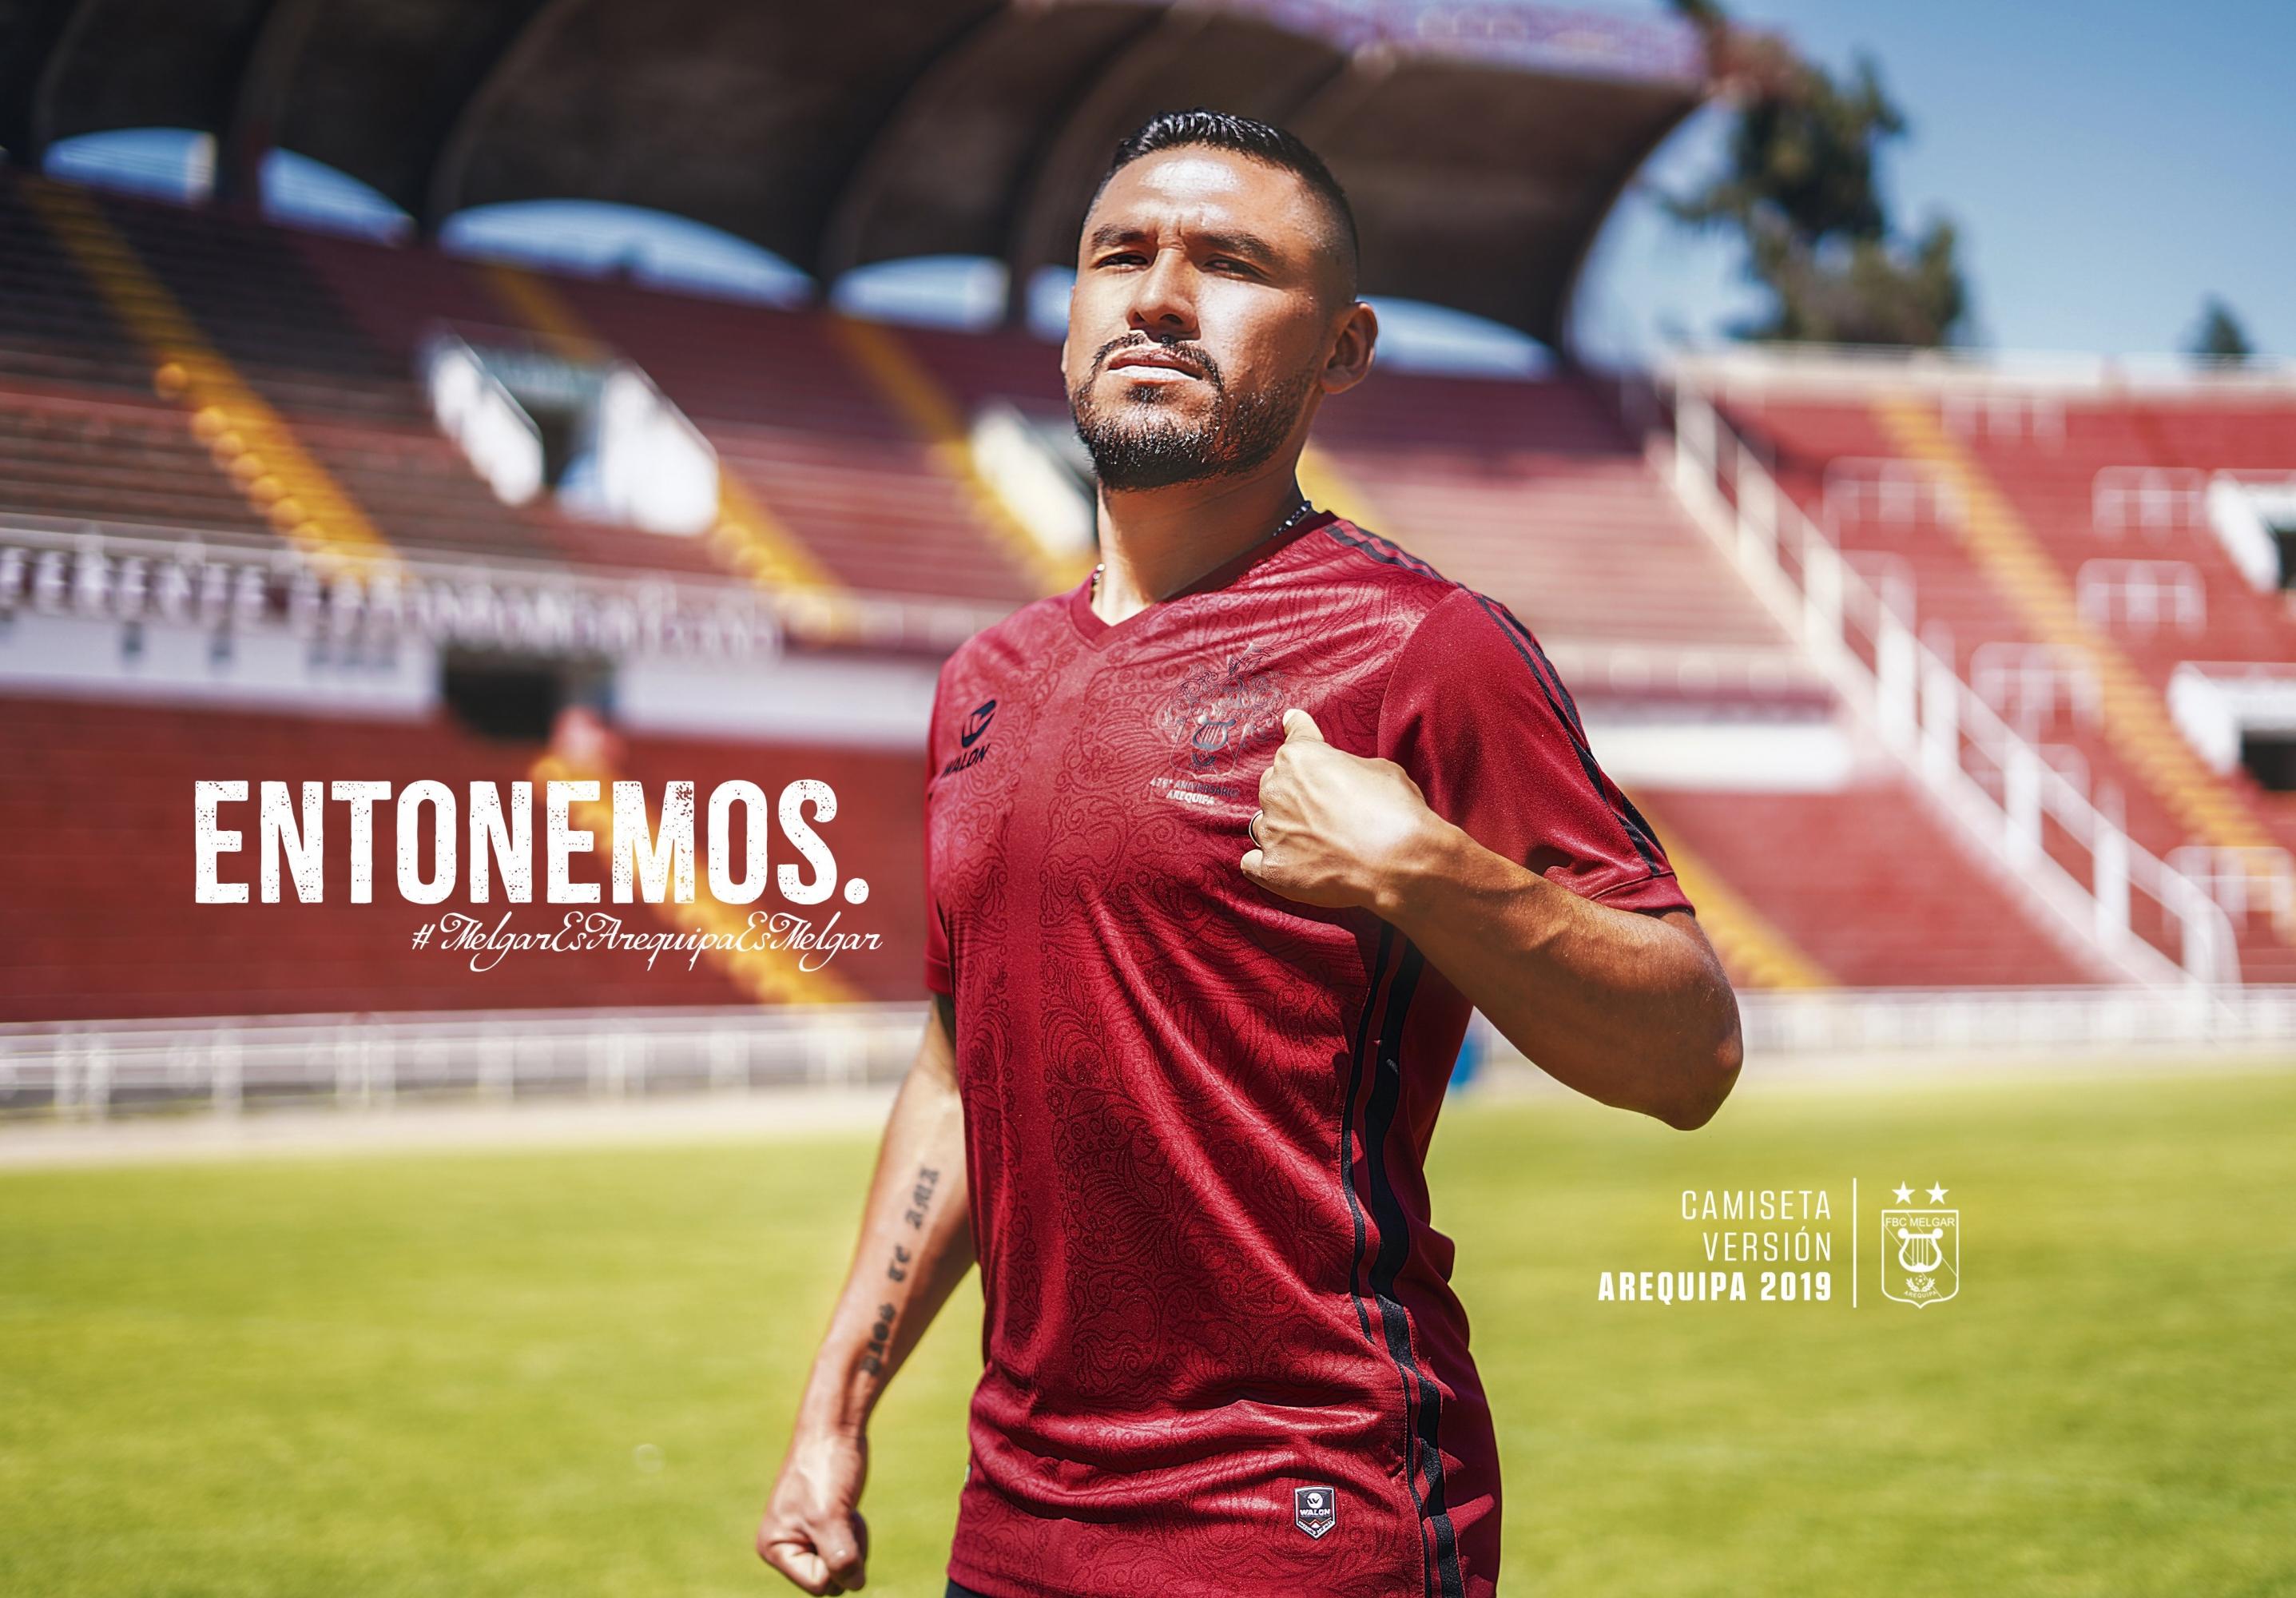 Esta es la camiseta edición limitada de Melgar en homenaje a Arequipa. (Foto: Melgar FBC)